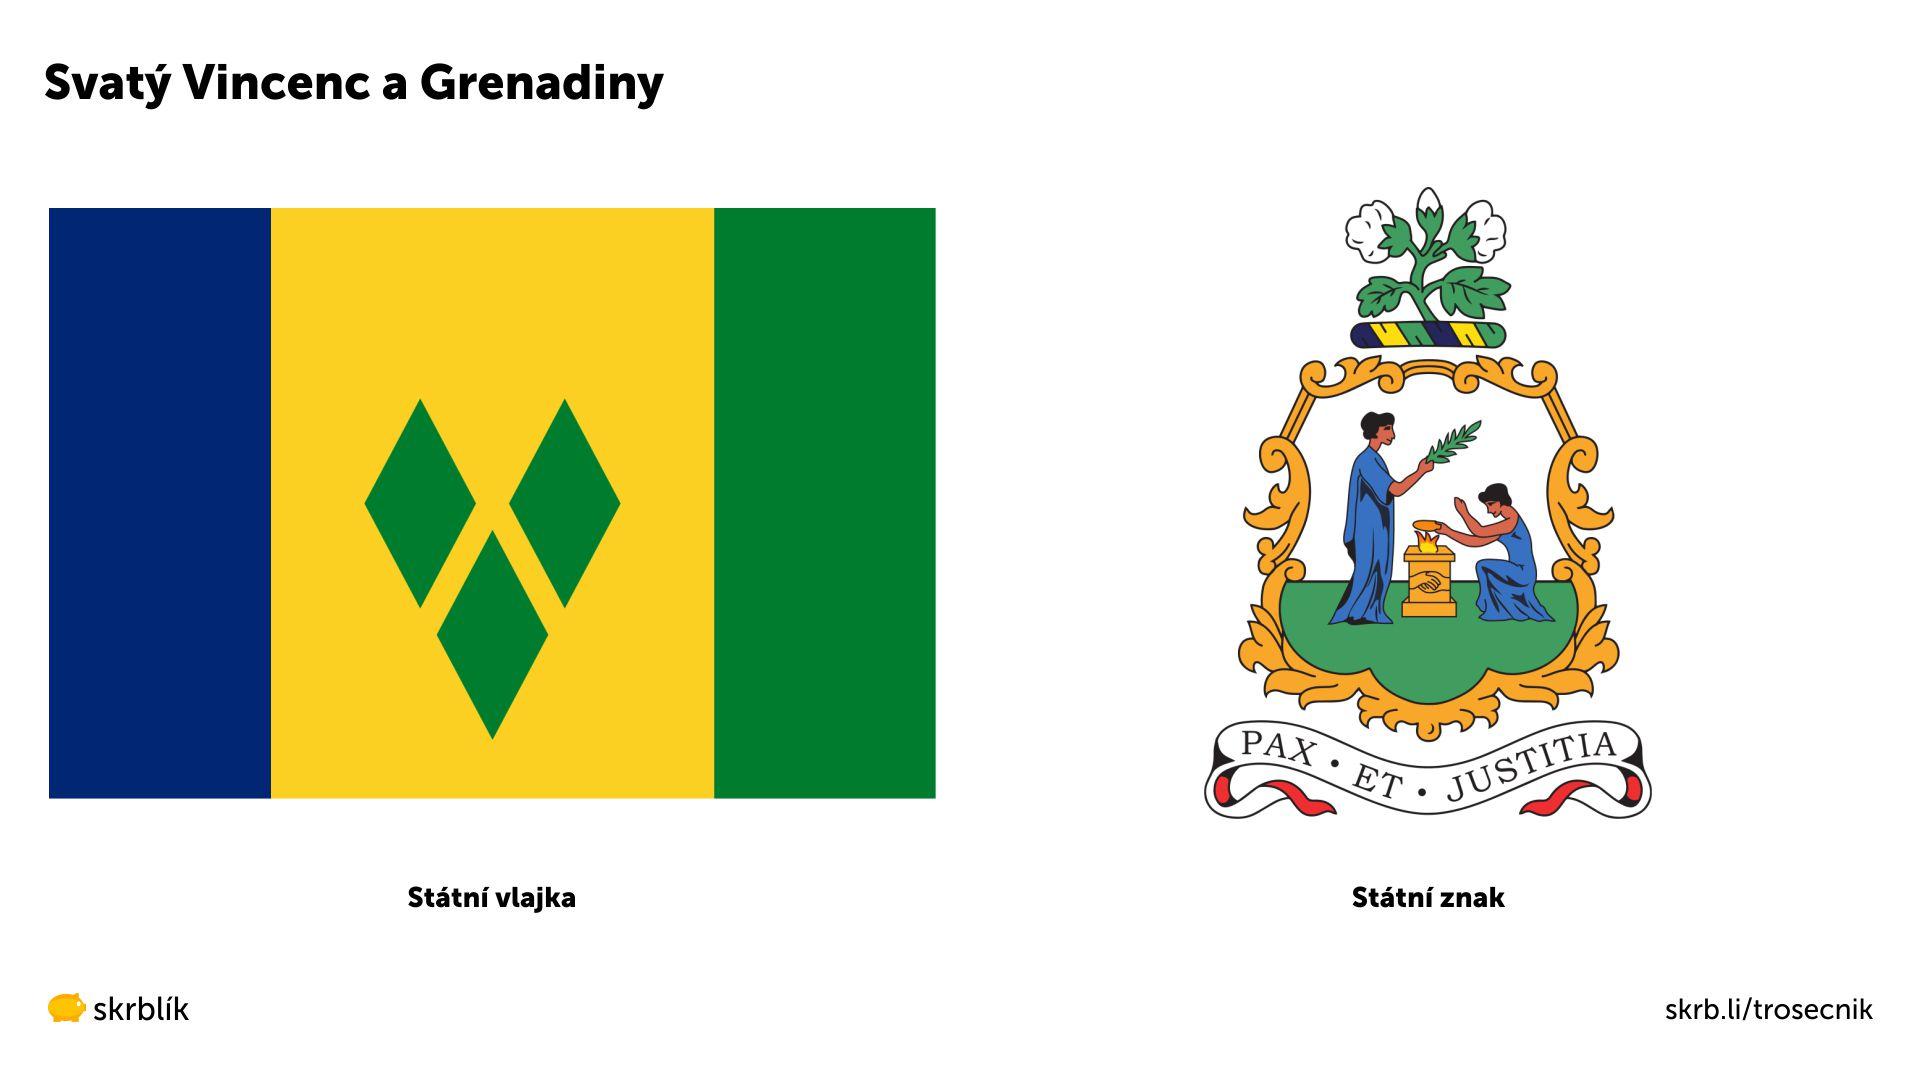 Svatý Vincenc aGrenadiny